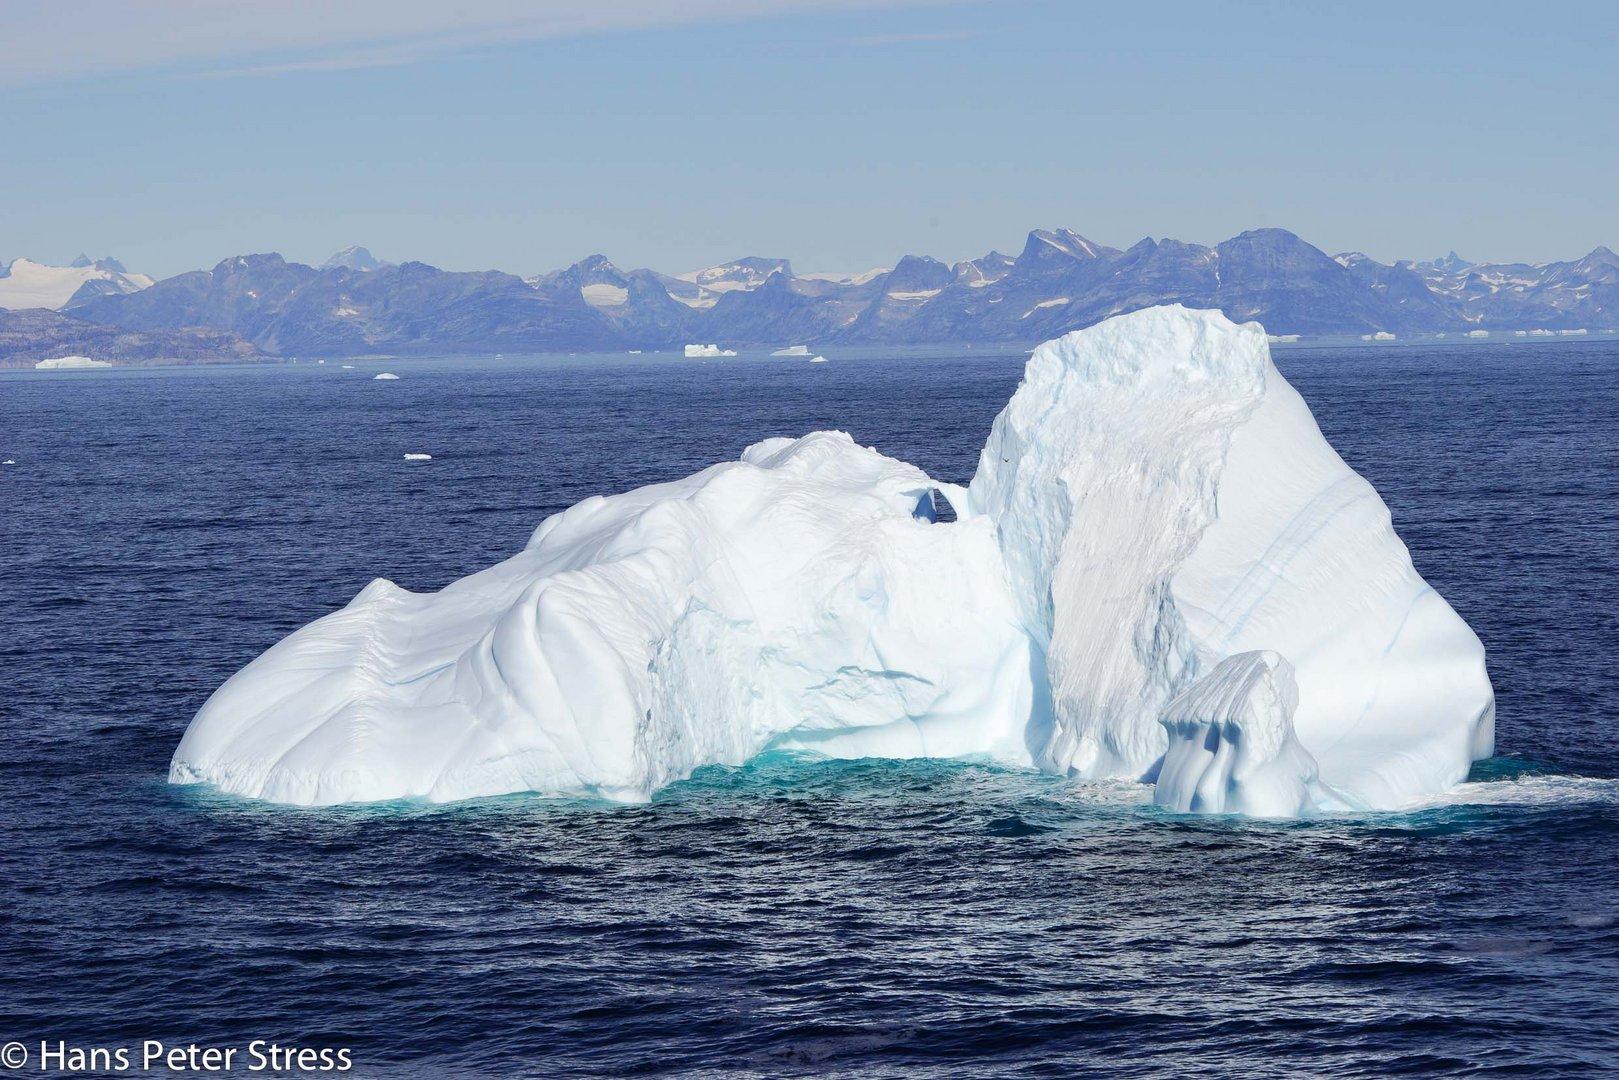 Eisberg mit Durchblick